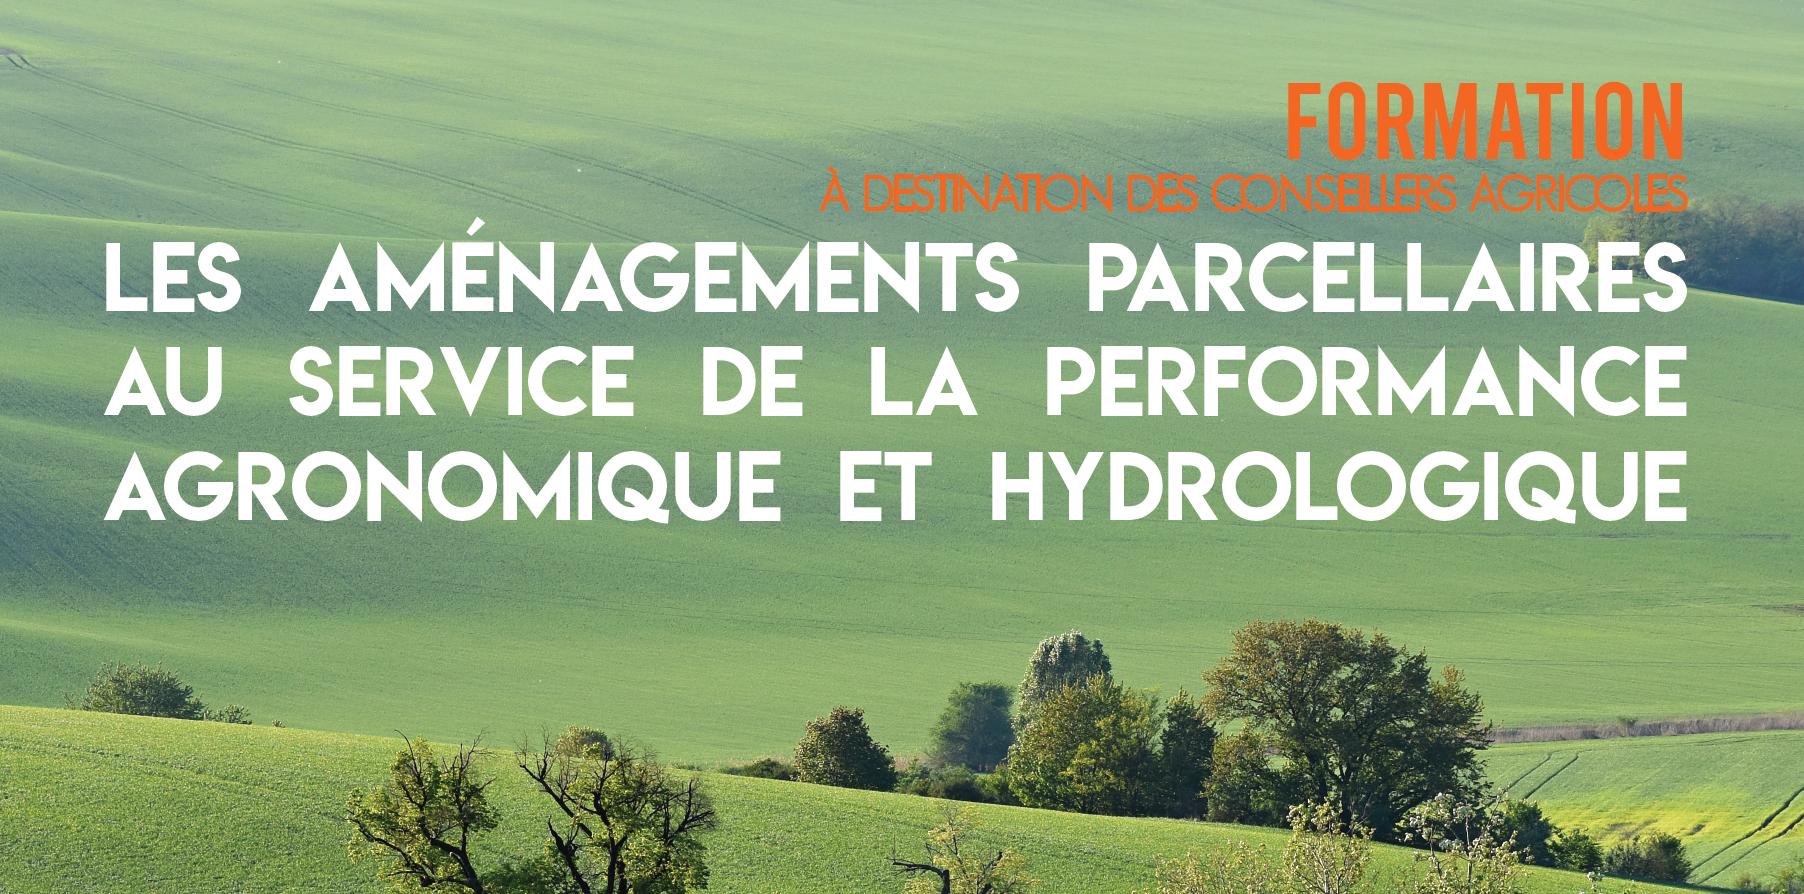 FORMATION : Les aménagements parcellaires au service de la performance agronomique et hydrologique